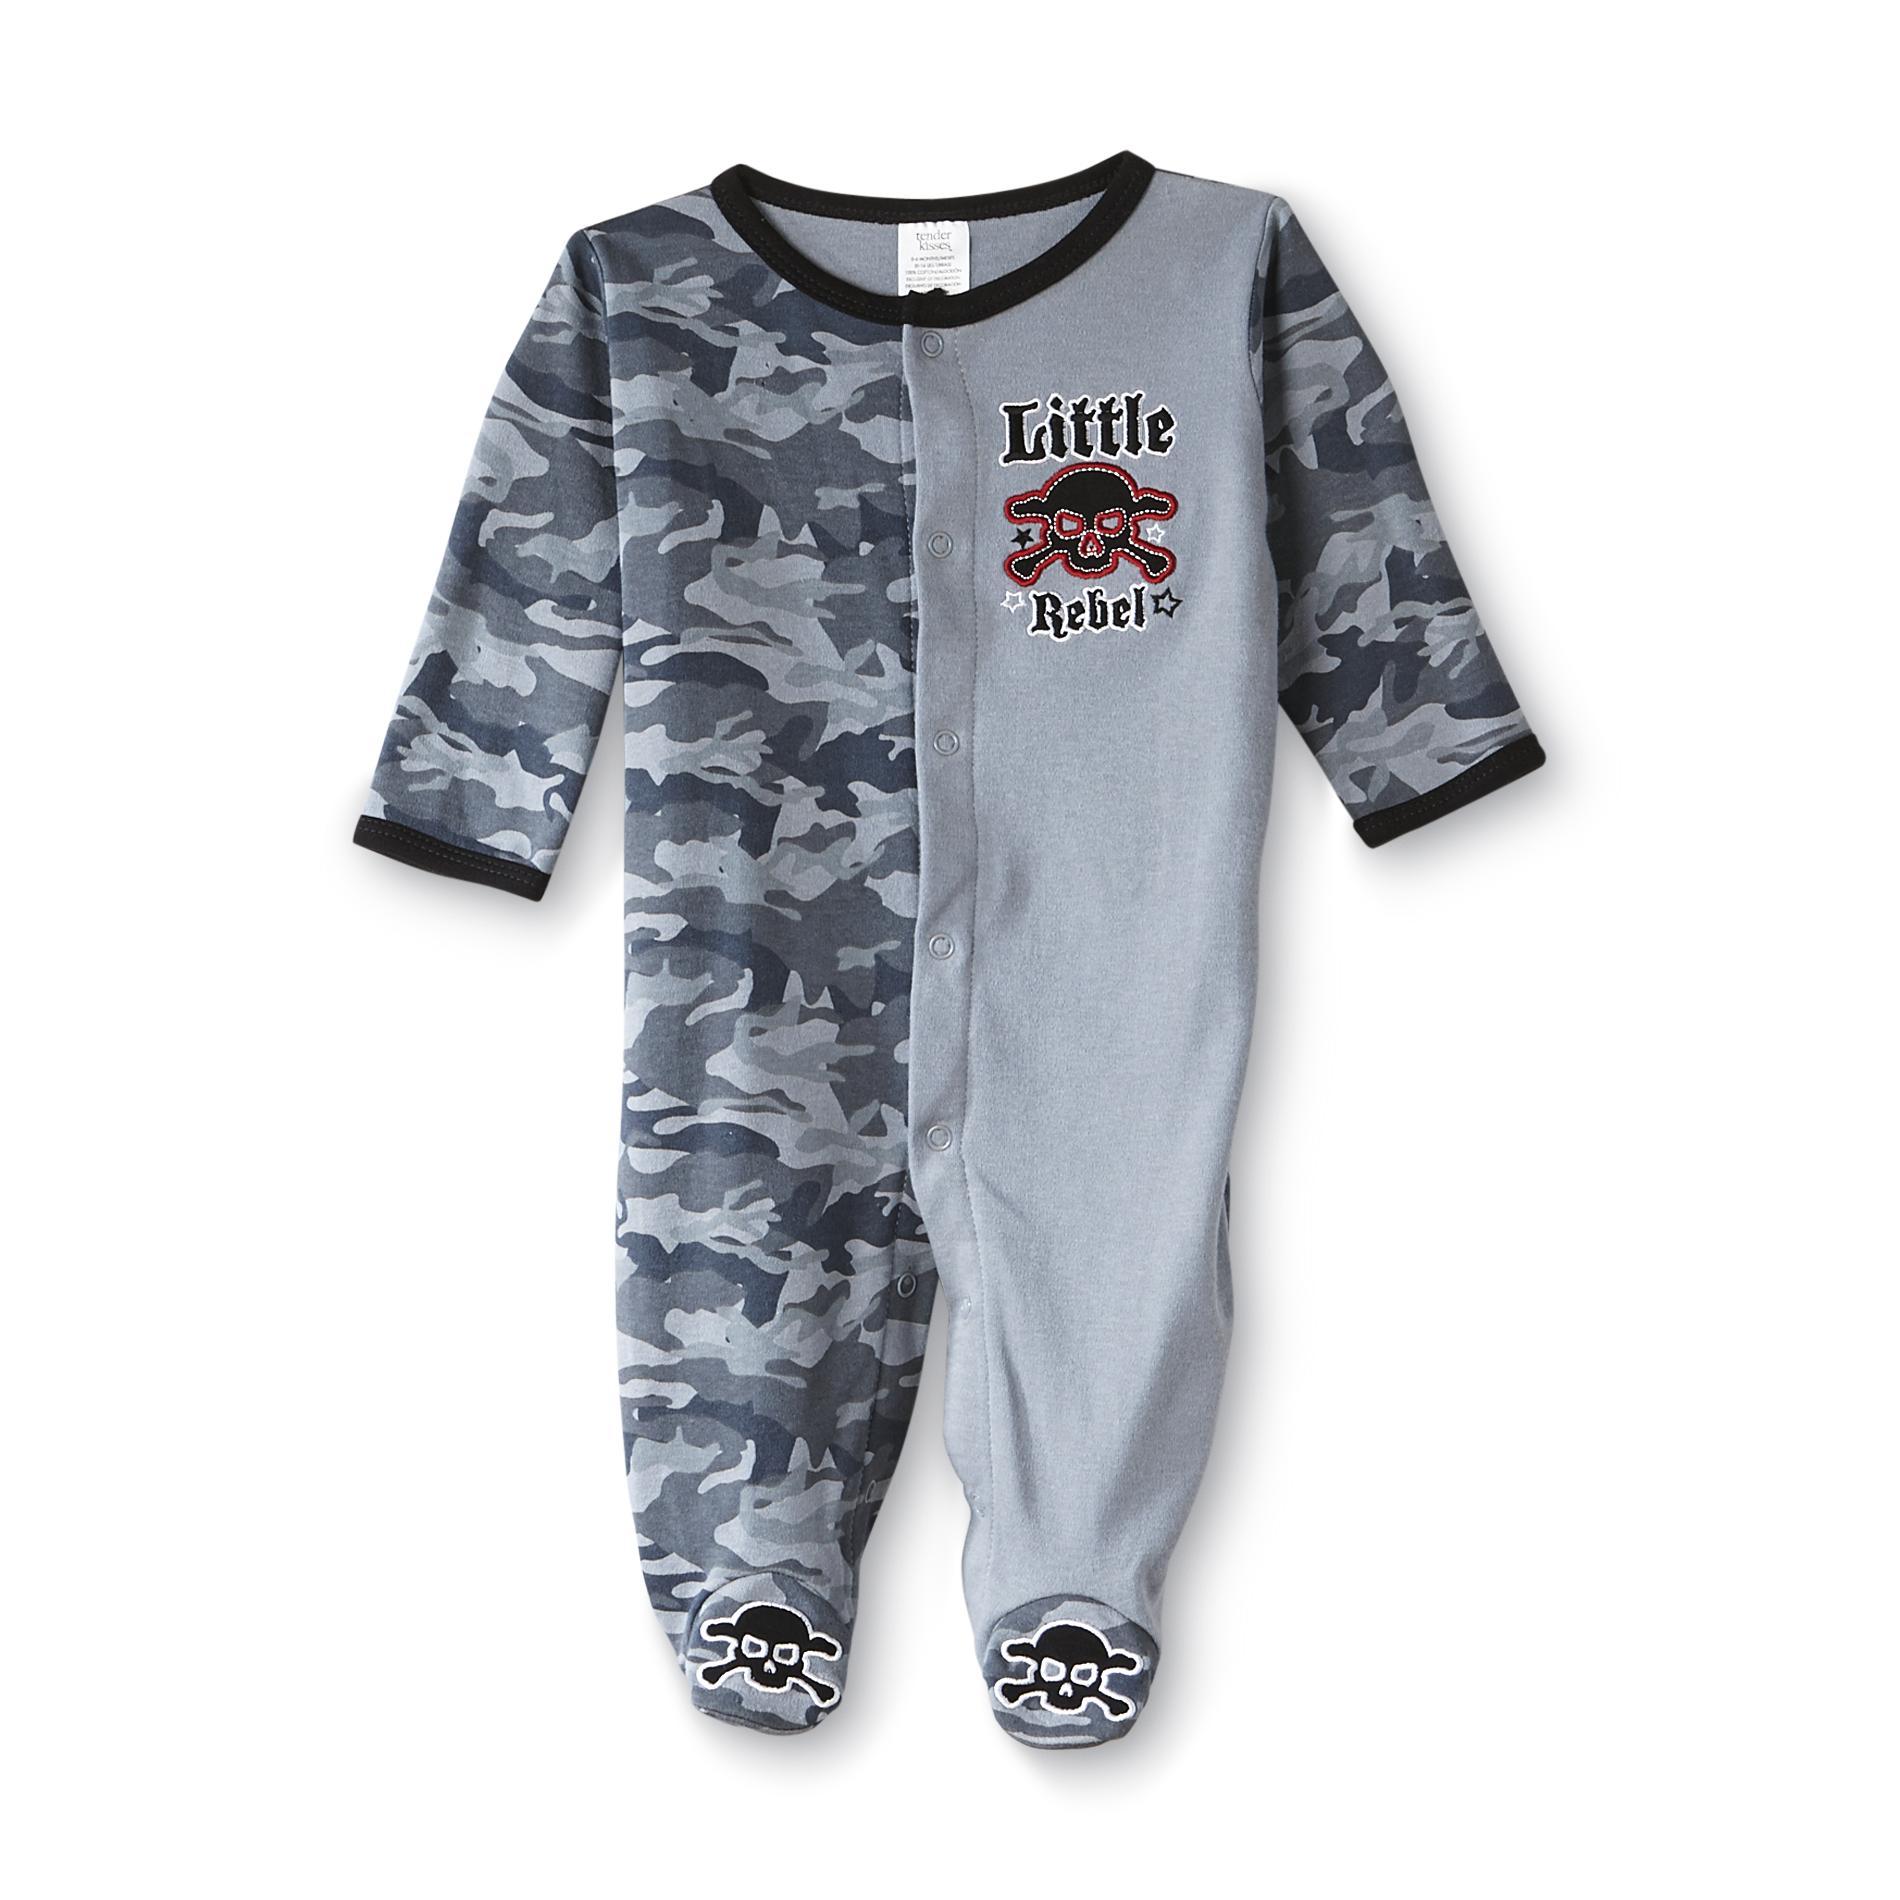 Tender Kisses Infant Boy' Sleeper Pajamas - Little Rebel